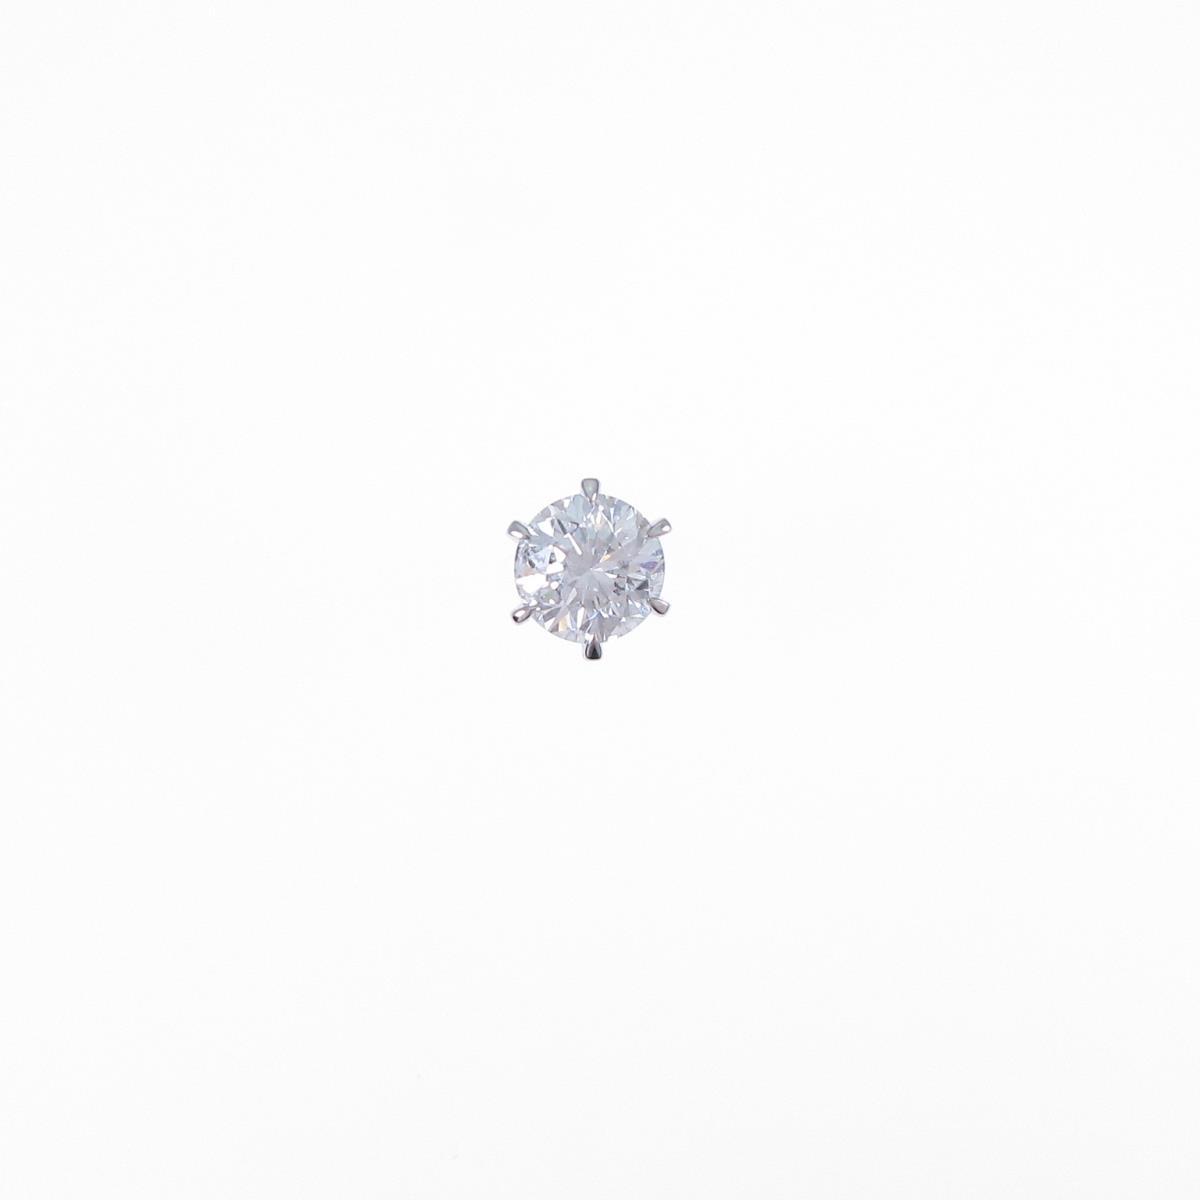 【リメイク】プラチナダイヤモンドピアス 0.429ct・H・SI2・FAIR 片耳【中古】